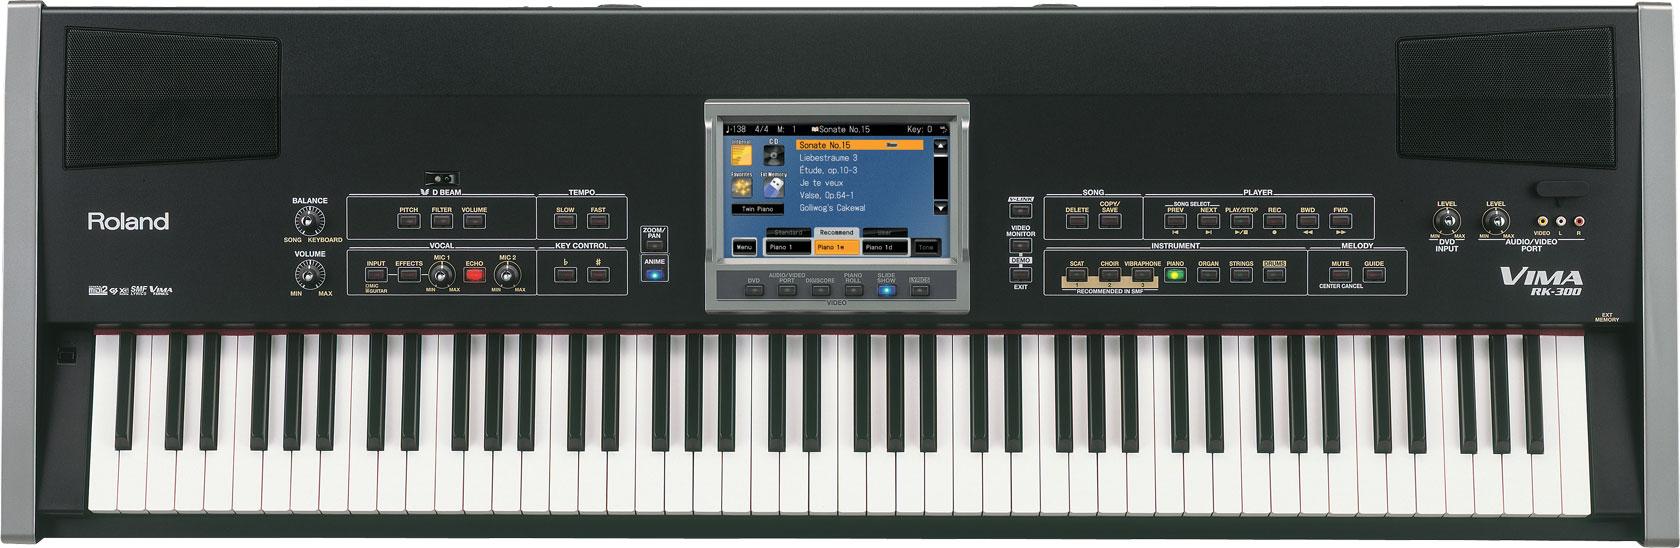 anime midi files piano download